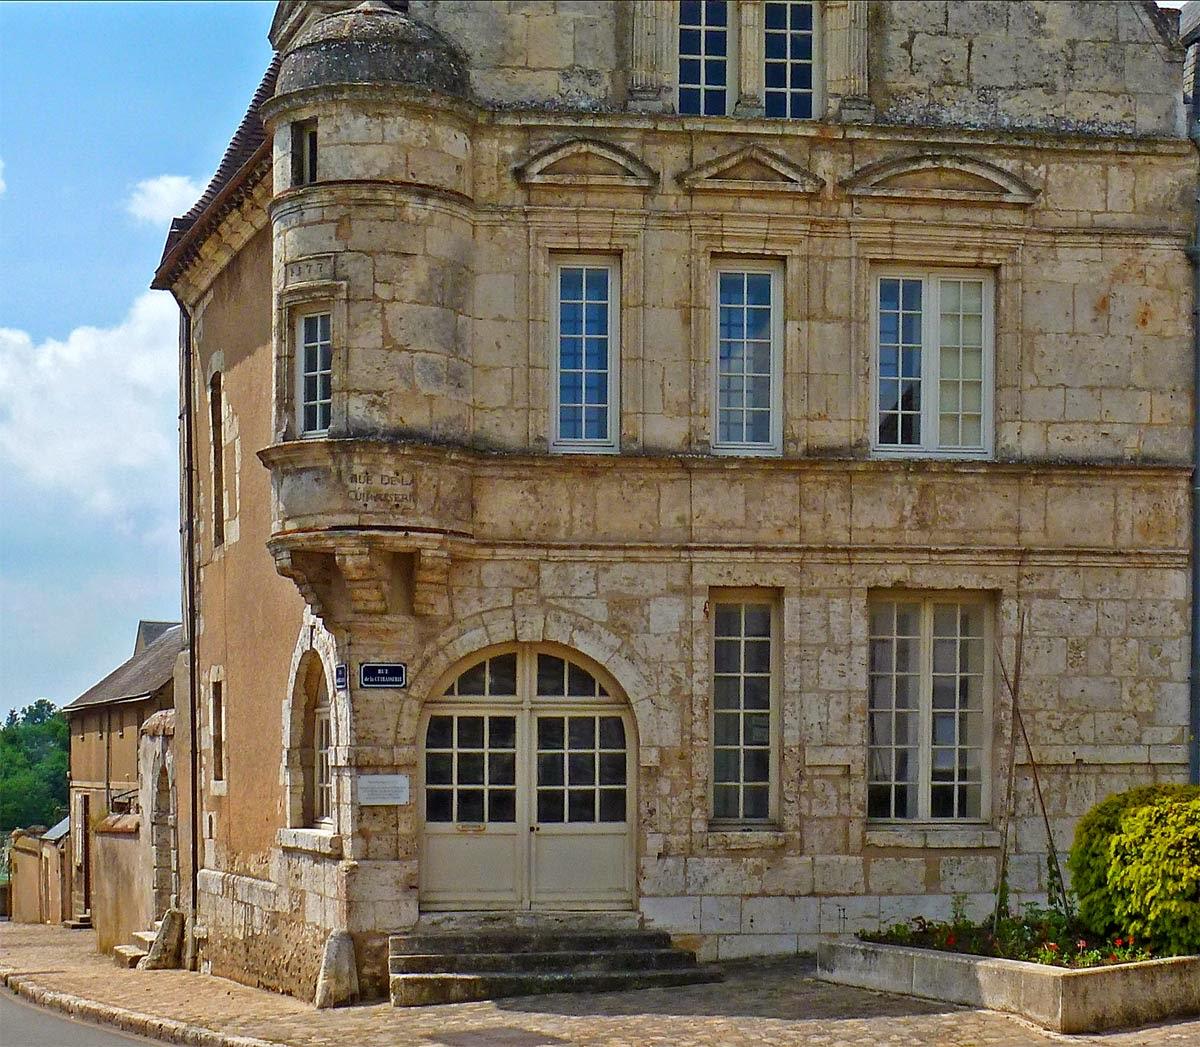 Best Kitchen Gallery: Living The Life In Saint Aignan Une Maison Renaissance of English Renaissance Architecture on rachelxblog.com